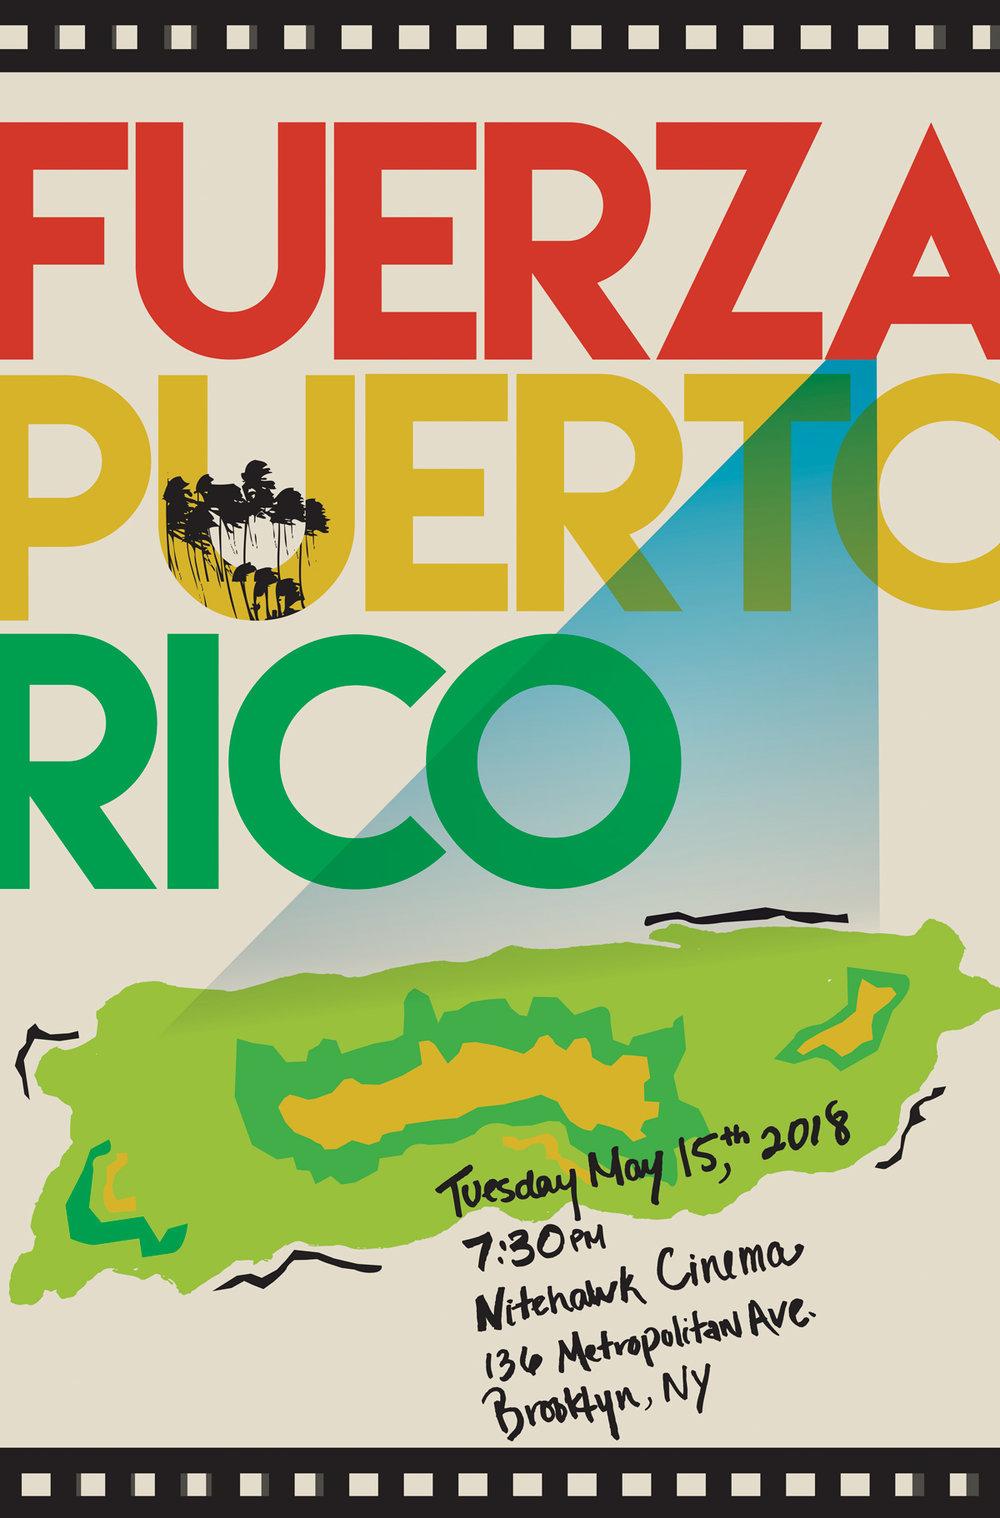 FINALS_FuerzaPuertoRico_Poster3-(1).jpg